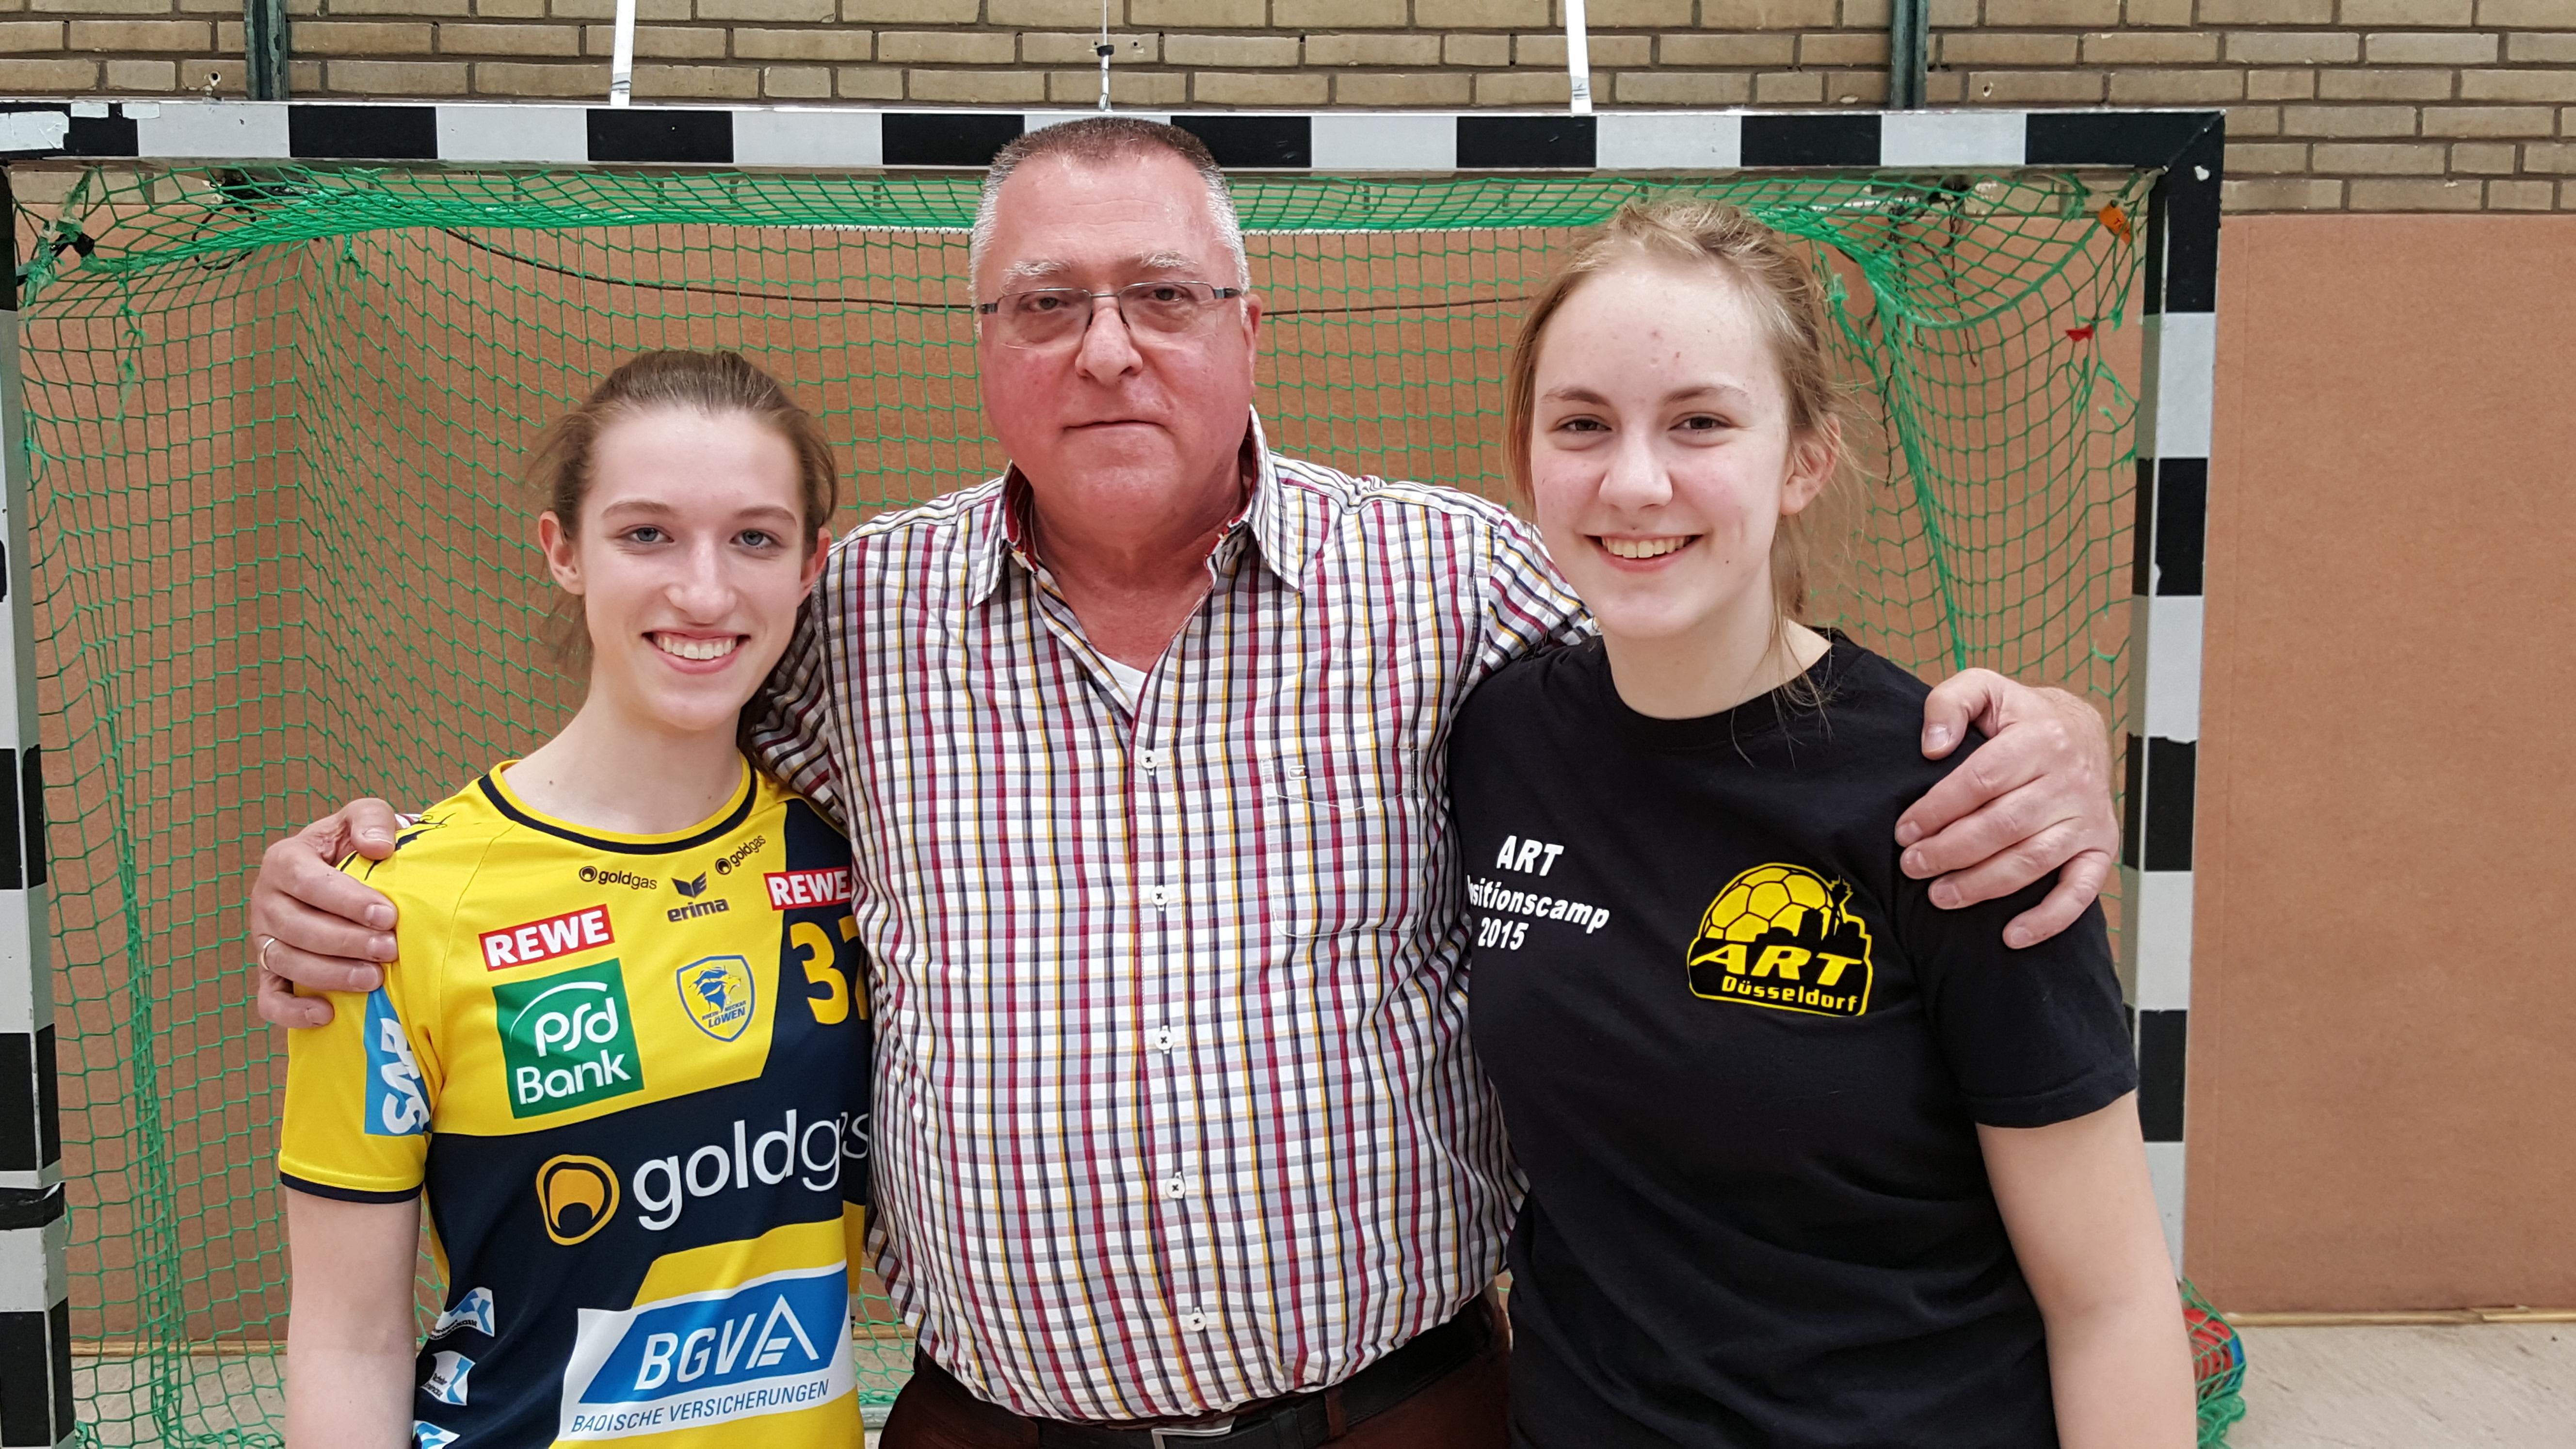 Dieter vom Dorff mit Spielführerin Nele Mantyk (links) und Co-Spielführerin Enya Fritz (rechts)